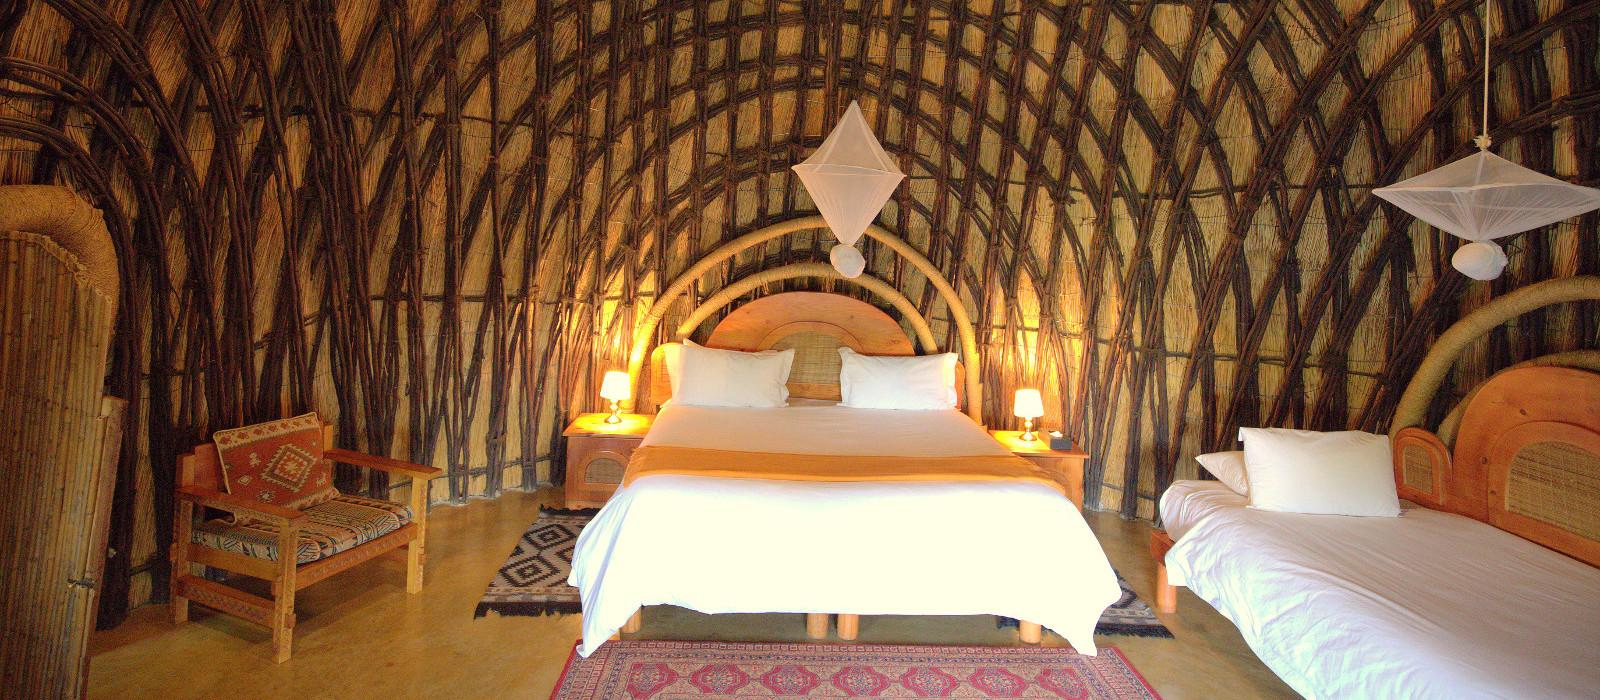 Hotel Phophonyane Falls Lodge Swasiland